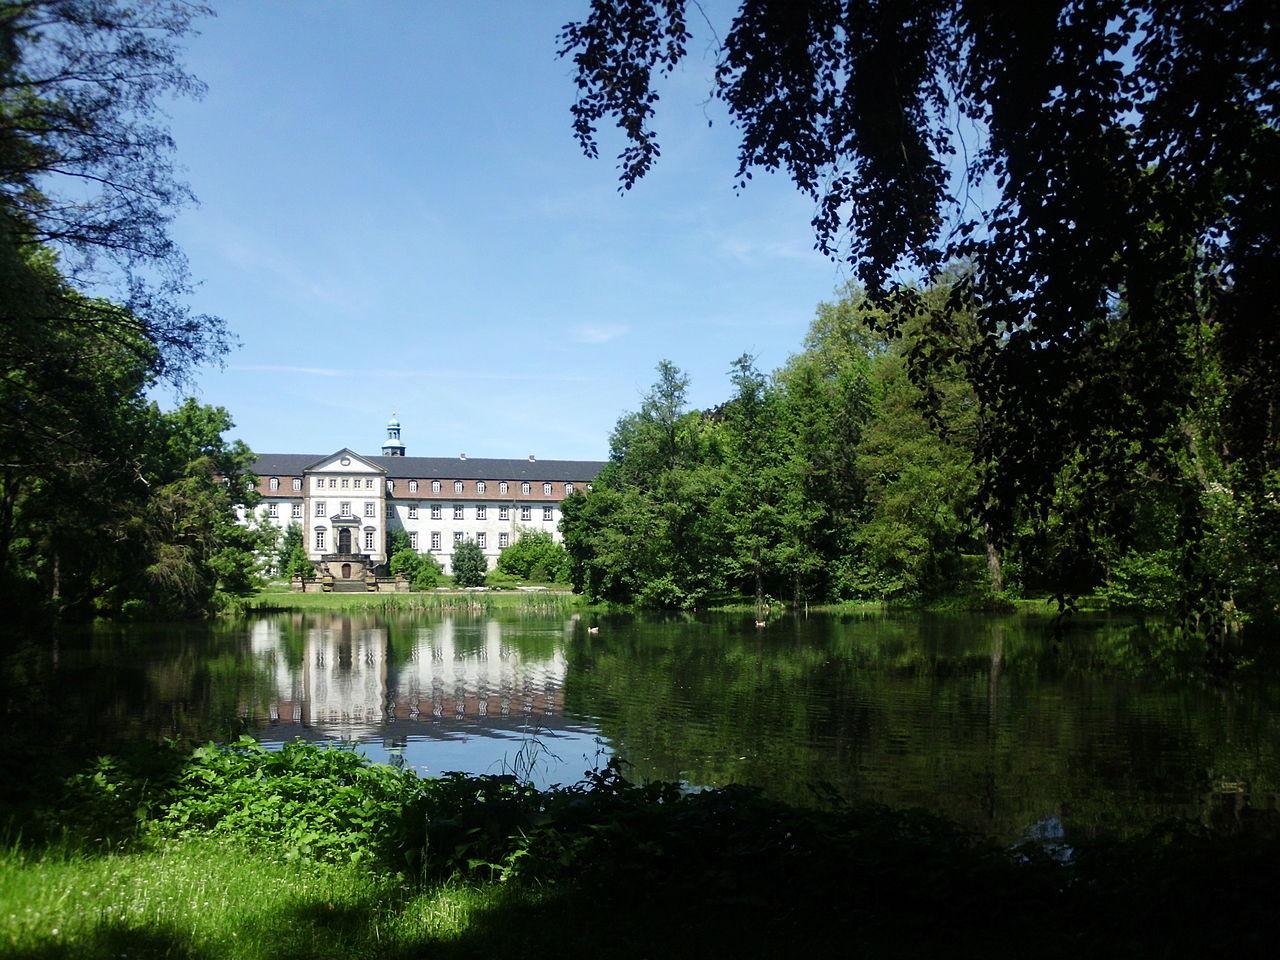 Bild Schloss Ringelheim Salzgitter